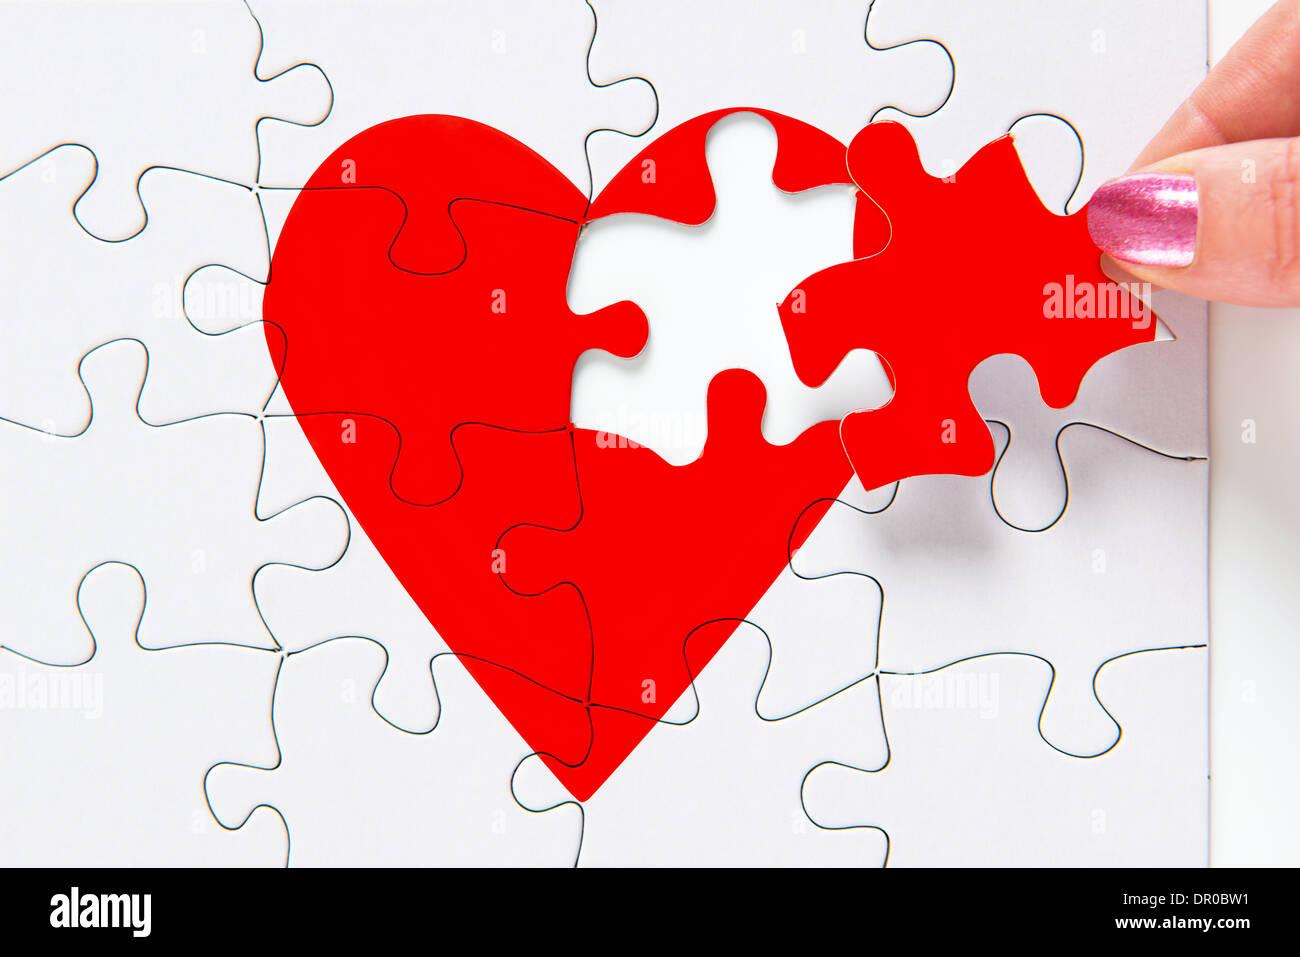 Una mujer poniendo la pieza faltante de un rompecabezas corazón rojo en su lugar Imagen De Stock